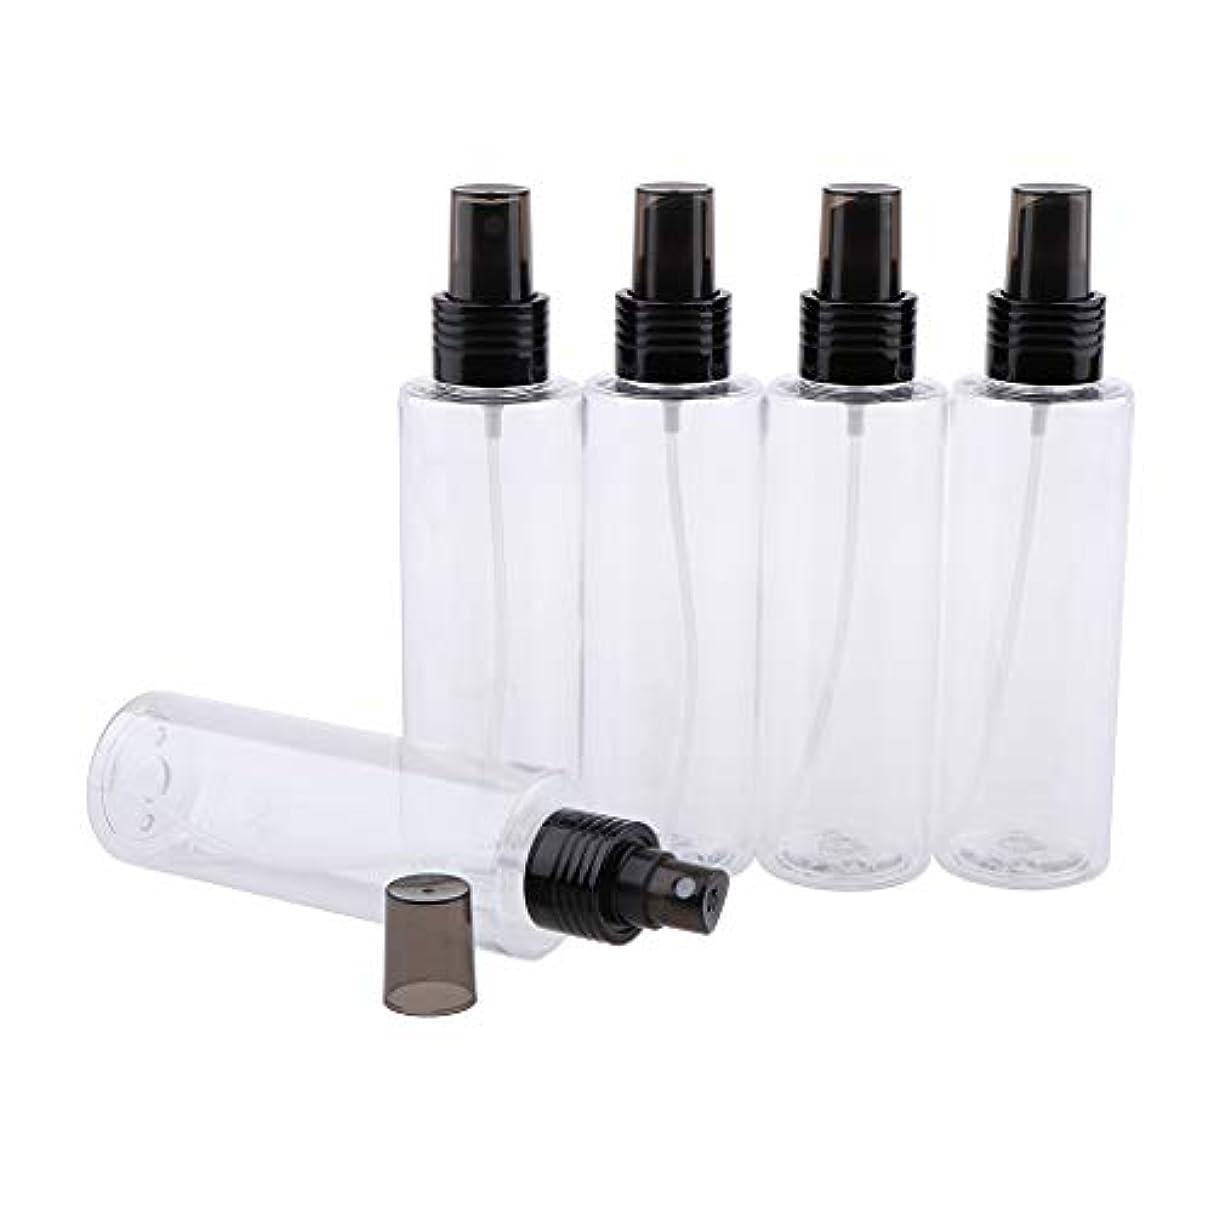 花嫁アダルトジャンクションFutuHome 5ピース旅行ボトル空のクリアプラスチックファインミストスプレーボトル用クリーニング、旅行、精油、香水 - 150ML